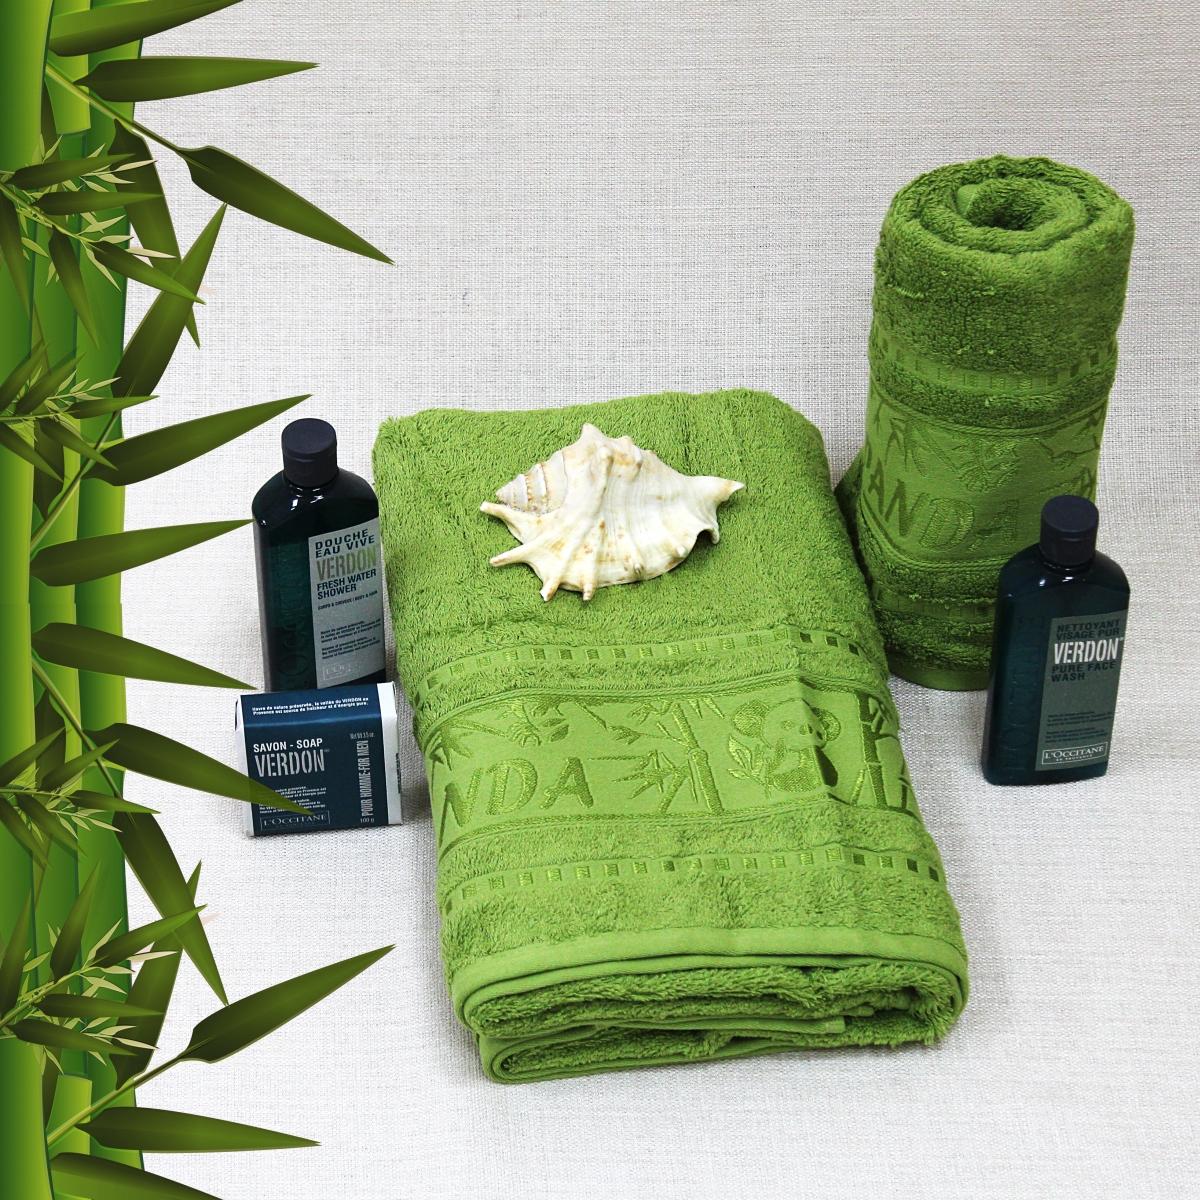 Полотенце Mariposa, Bamboo, 50 х 90, Panda50695Бамбуковые Полотенца Mariposa - Нежность и Забота!!! Разнообразие цветовой гаммы, позволит Вам создать современный яркий интерьер Вашей ванной комнаты. Бамбук - революционно впитывающий влагу материал, вбирает в себя воды в два раза больше чем хлопок! Бамбуковое волокно с натуральным блеском мягче хлопка и по качеству напоминает шелк. Ткань из бамбука не вызывает раздражения и обладает натуральными антимикробными свойствами, она содержит компонент, предотвращающий размножение бактерий. Бамбуковое волокно, из которого получают нити и ткани, очень прочное и прослужат Вам долгие годы!